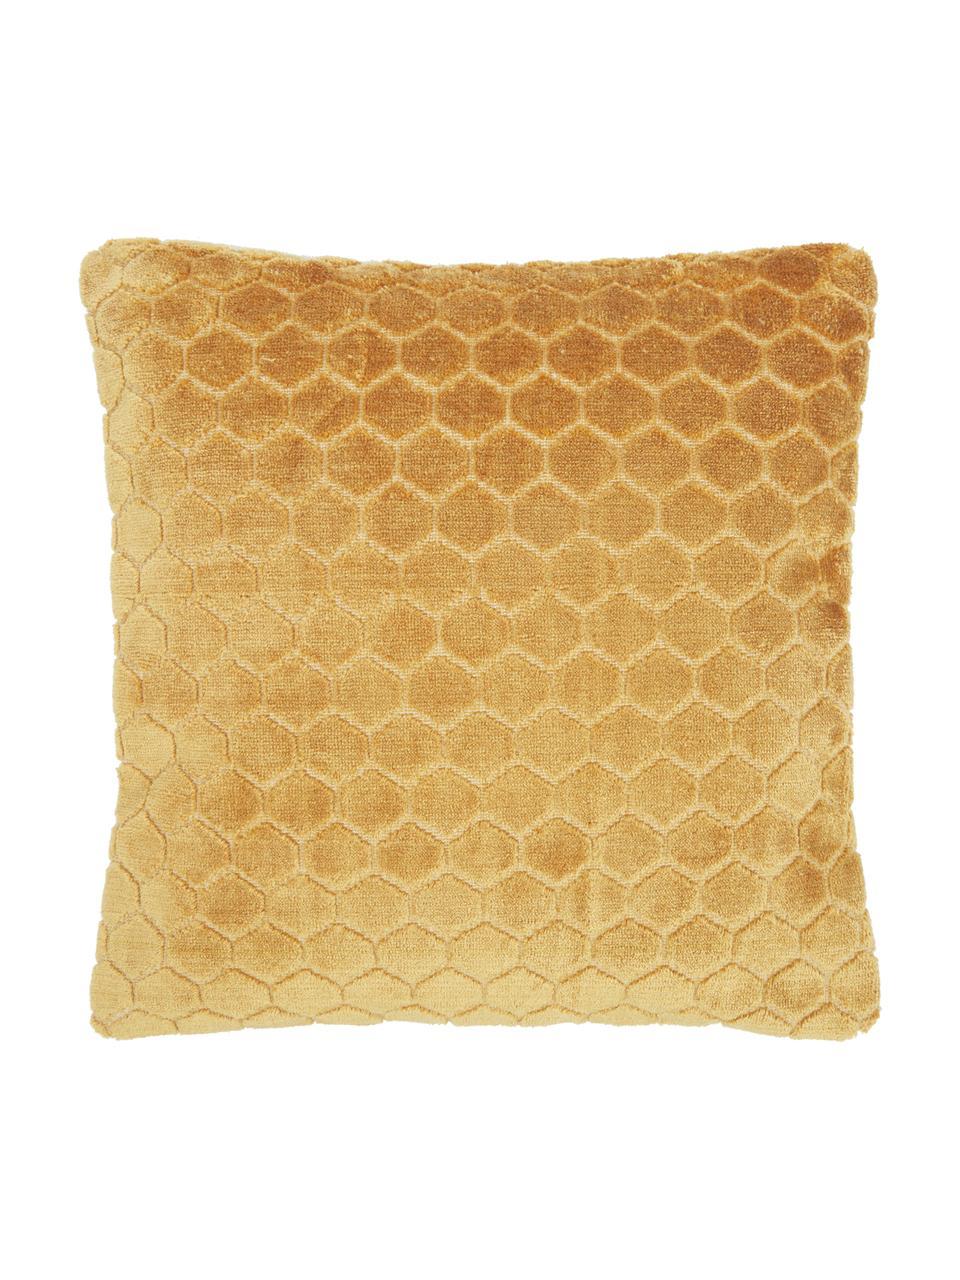 Samt-Kissenhülle Carraway mit Strukturmuster, Vorderseite: 51% Polyester, 49% Viskos, Rückseite: 100% Baumwolle, Senfgelb, 45 x 45 cm